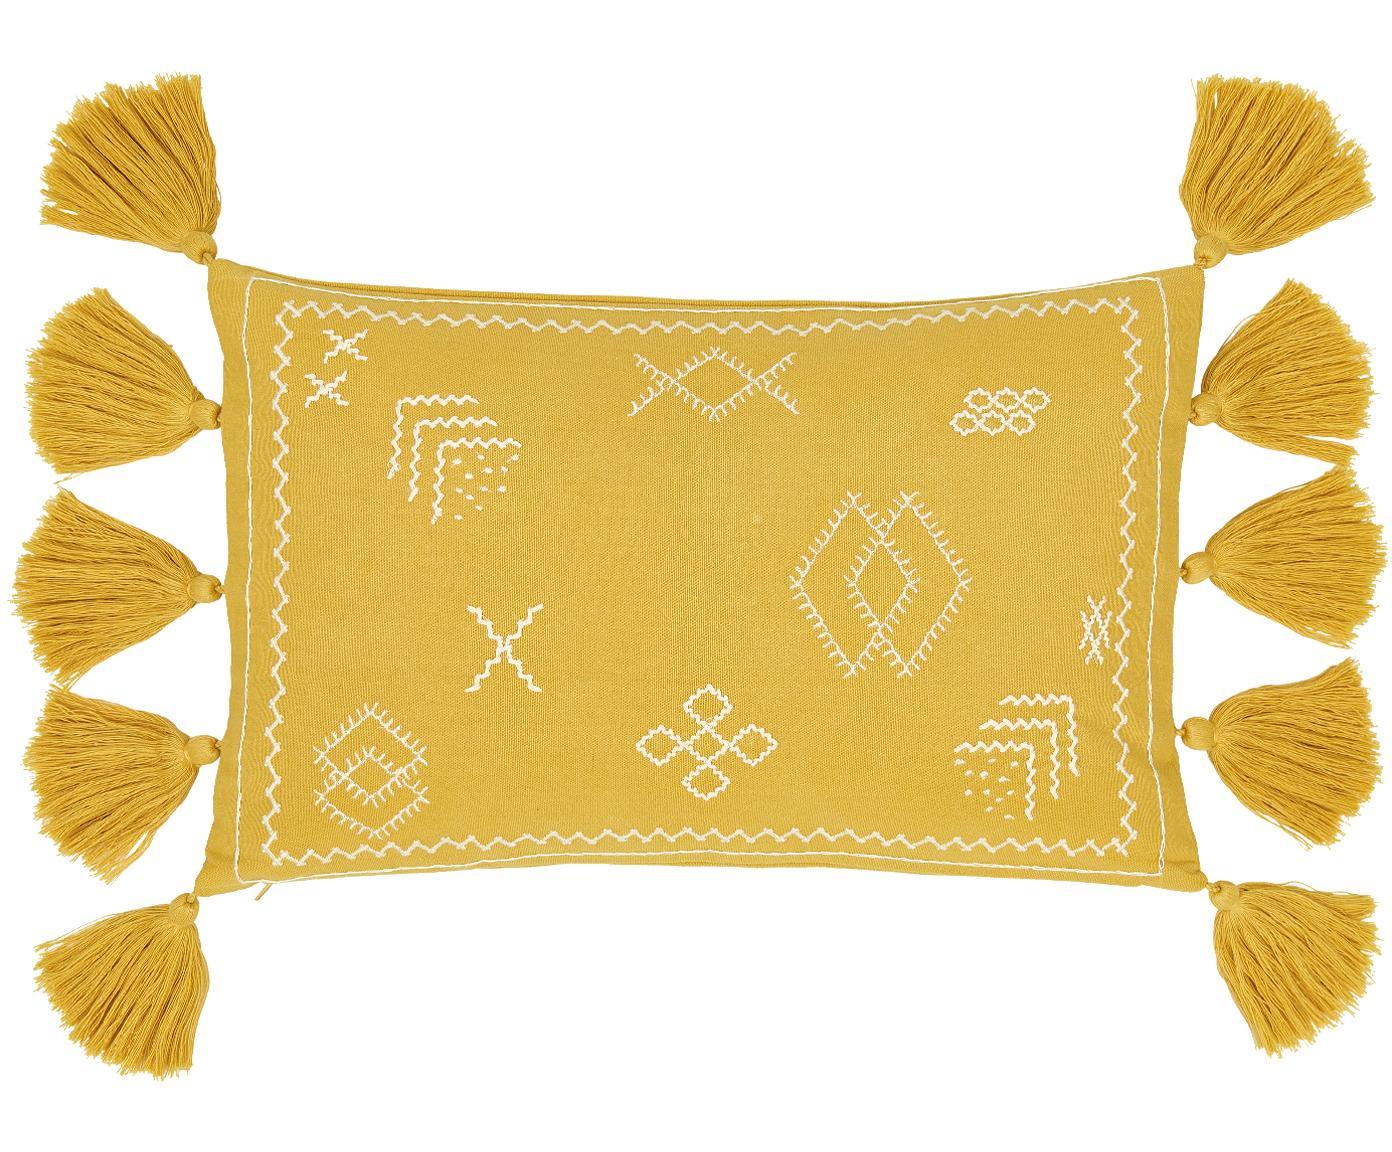 Haftowana poszewka na poduszkę Huata, Bawełna, Żółty, beżowy, S 30 x D 50 cm